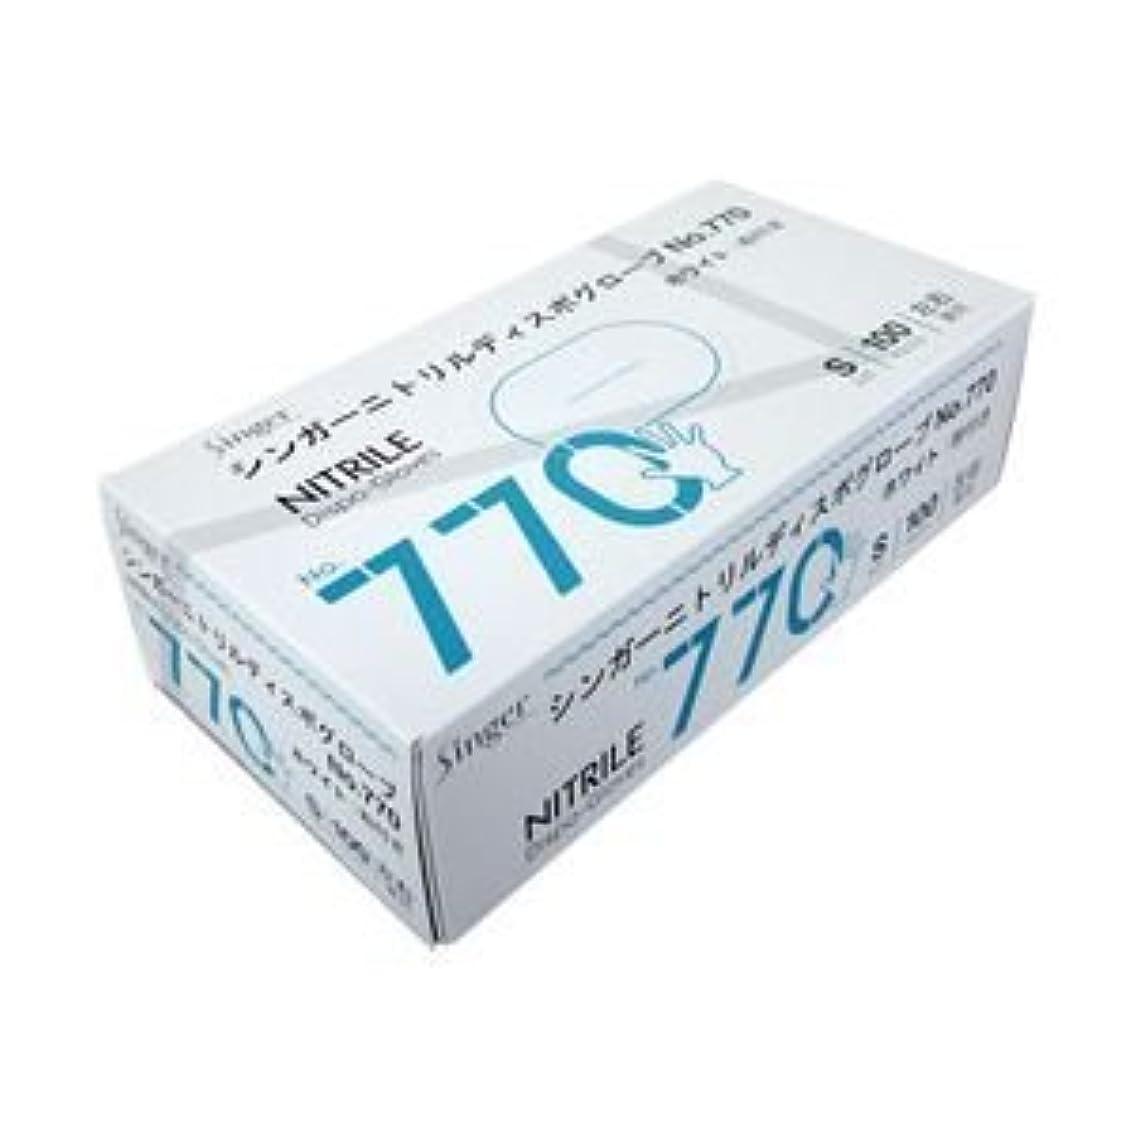 幻影削減偽造宇都宮製作 ニトリル手袋770 粉付き S 1箱(100枚) ×5セット